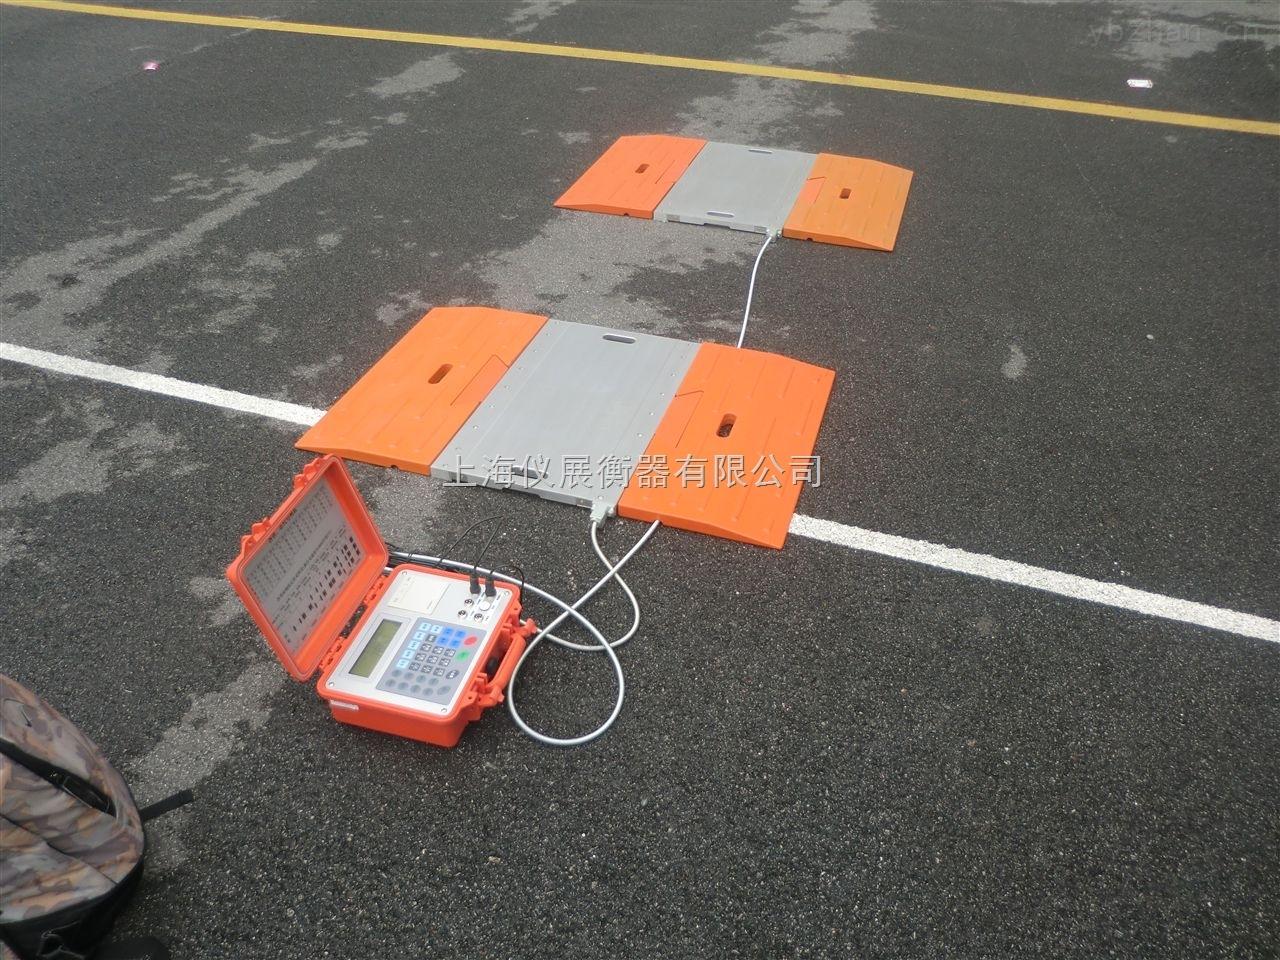 动态便携式轴重仪-上海仪展衡器有限公司